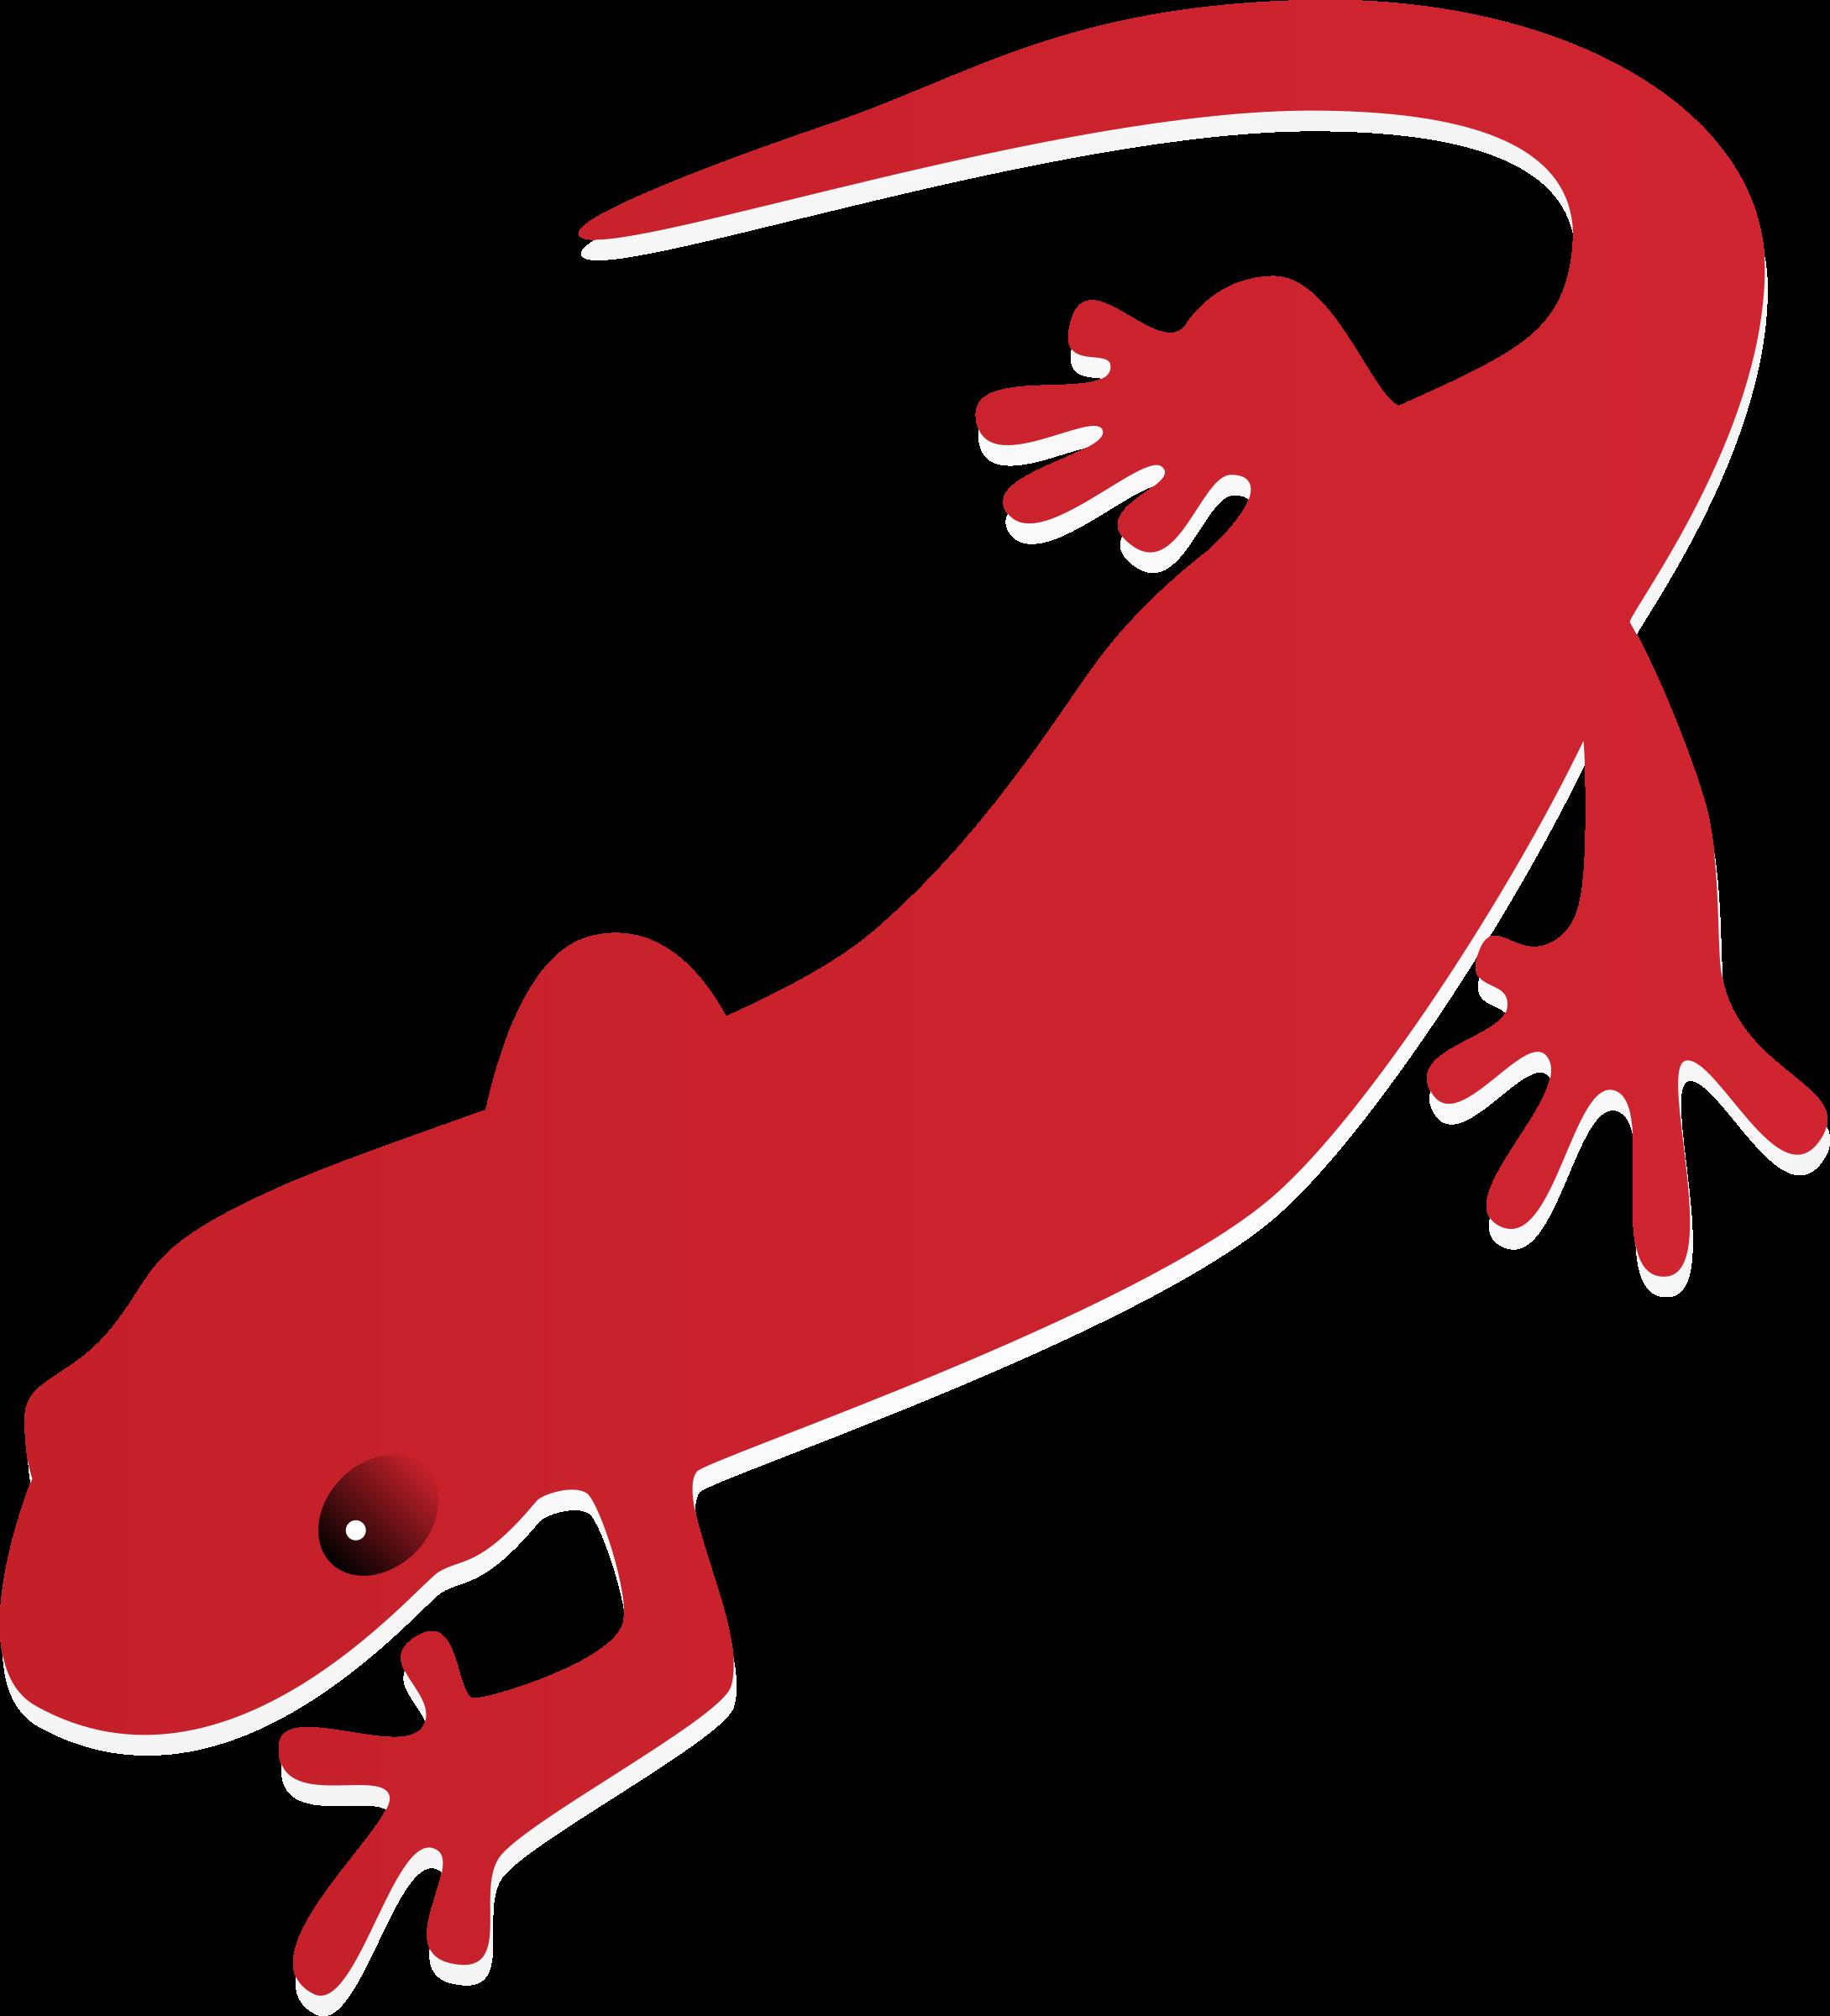 Clipart Salamander